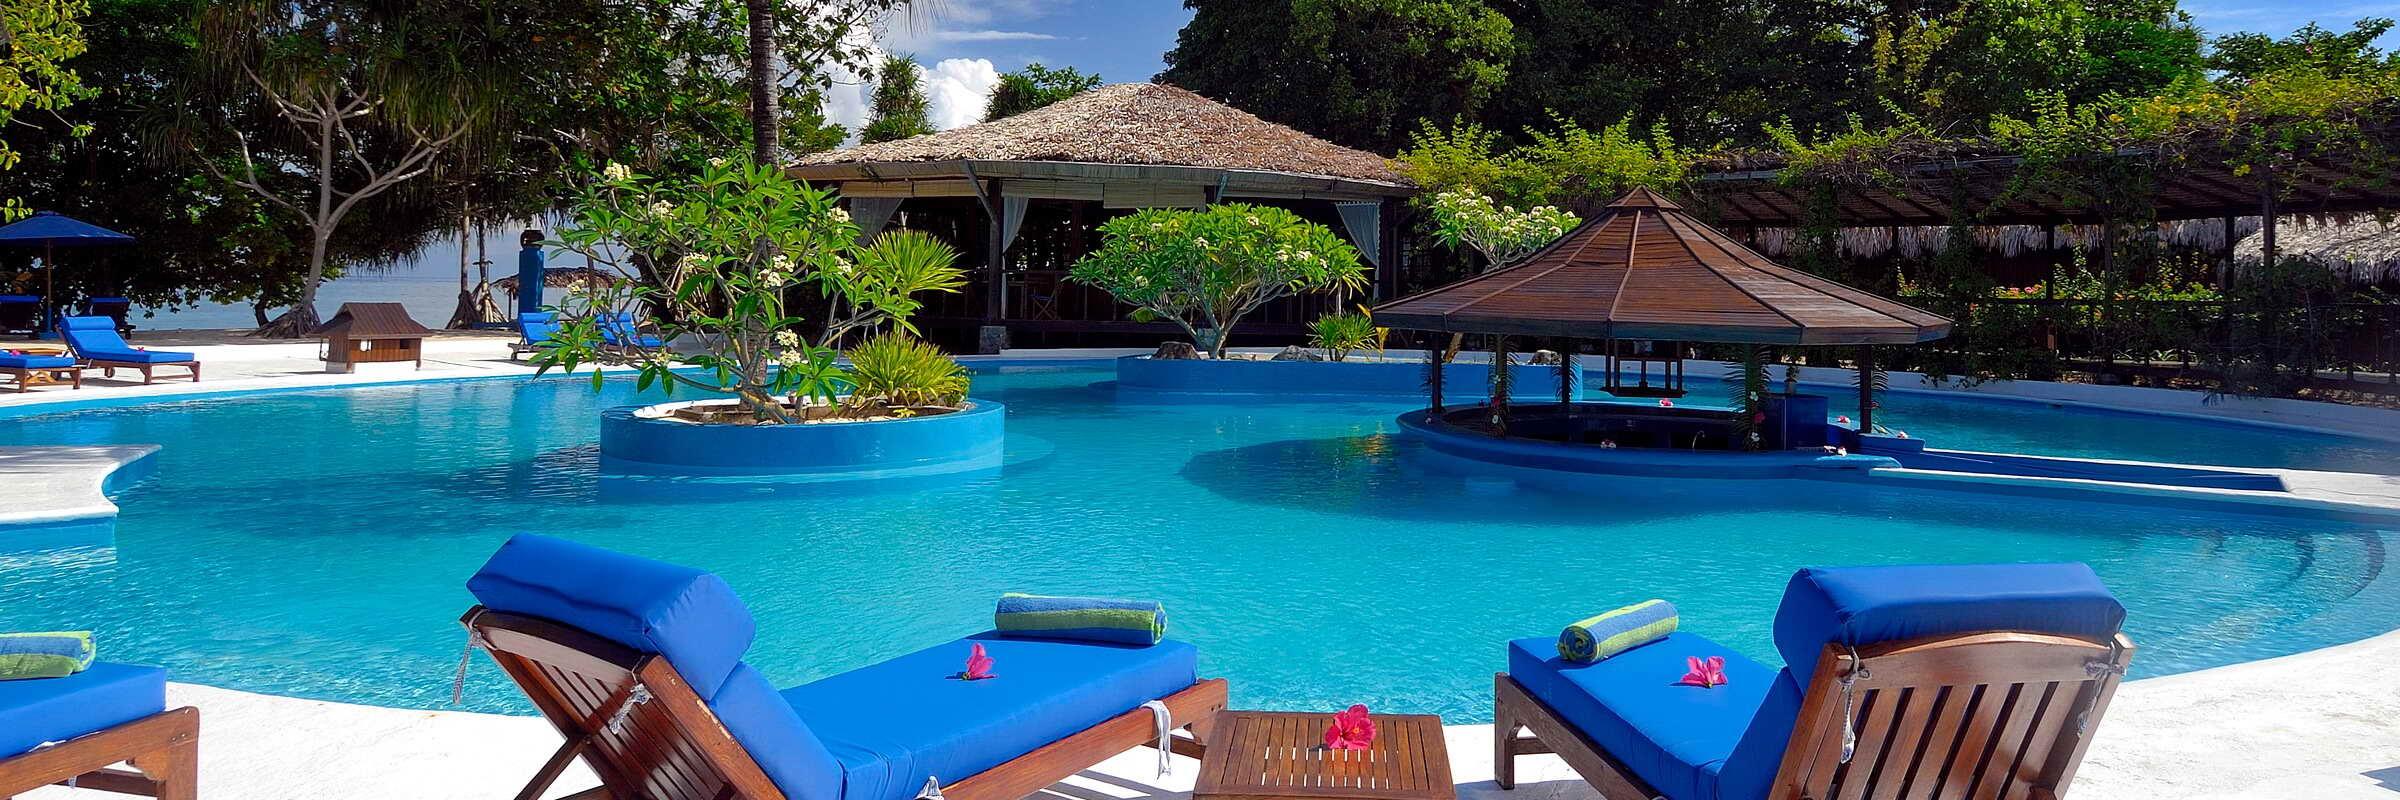 Der einladenede Pool des Siladen Resort & Spa mit atemberaubender Aussicht